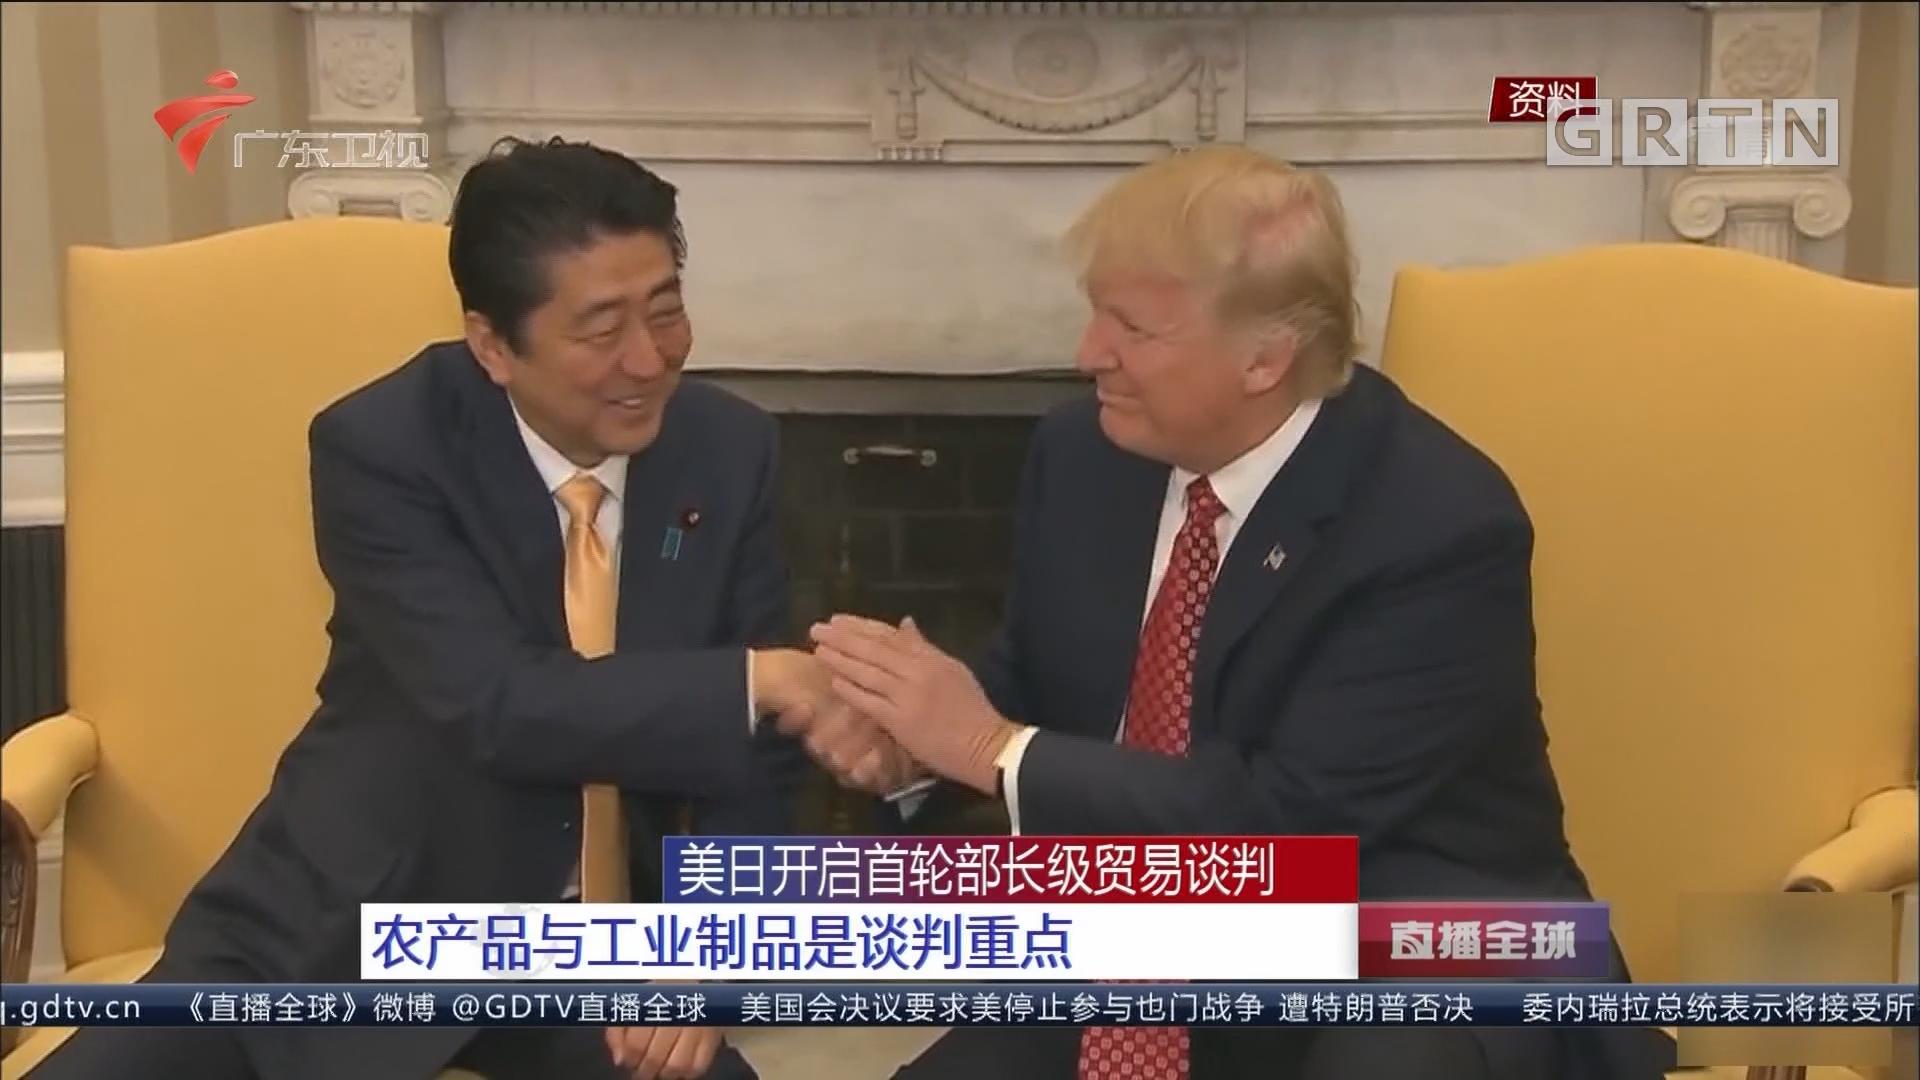 美日开启首轮部长级贸易谈判 农产品与工业制品是谈判重点